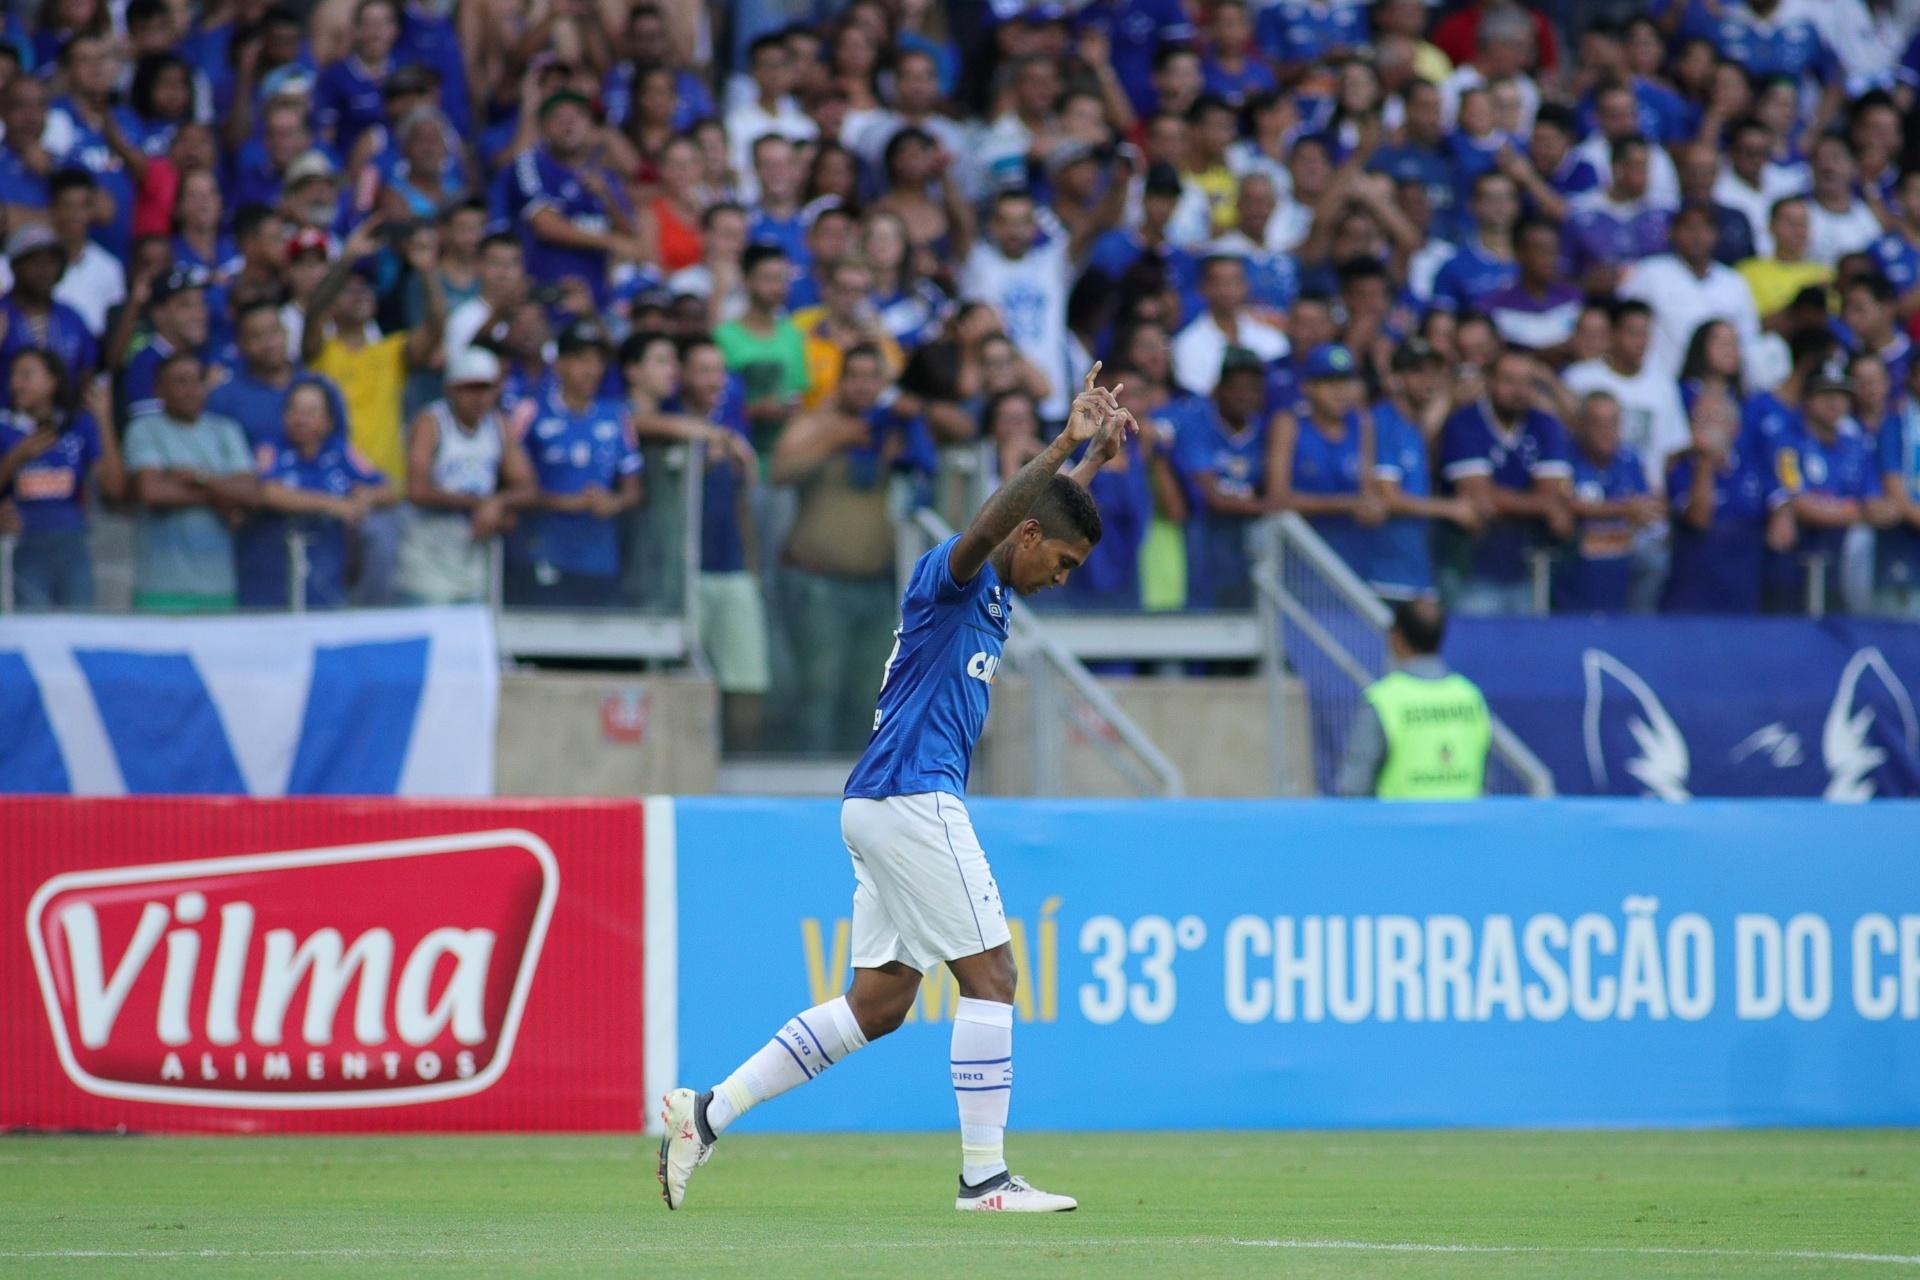 Sporting faz consulta a agentes de Raniel e estuda oferta ao Cruzeiro -  20 07 2018 - UOL Esporte 156481ff41eeb